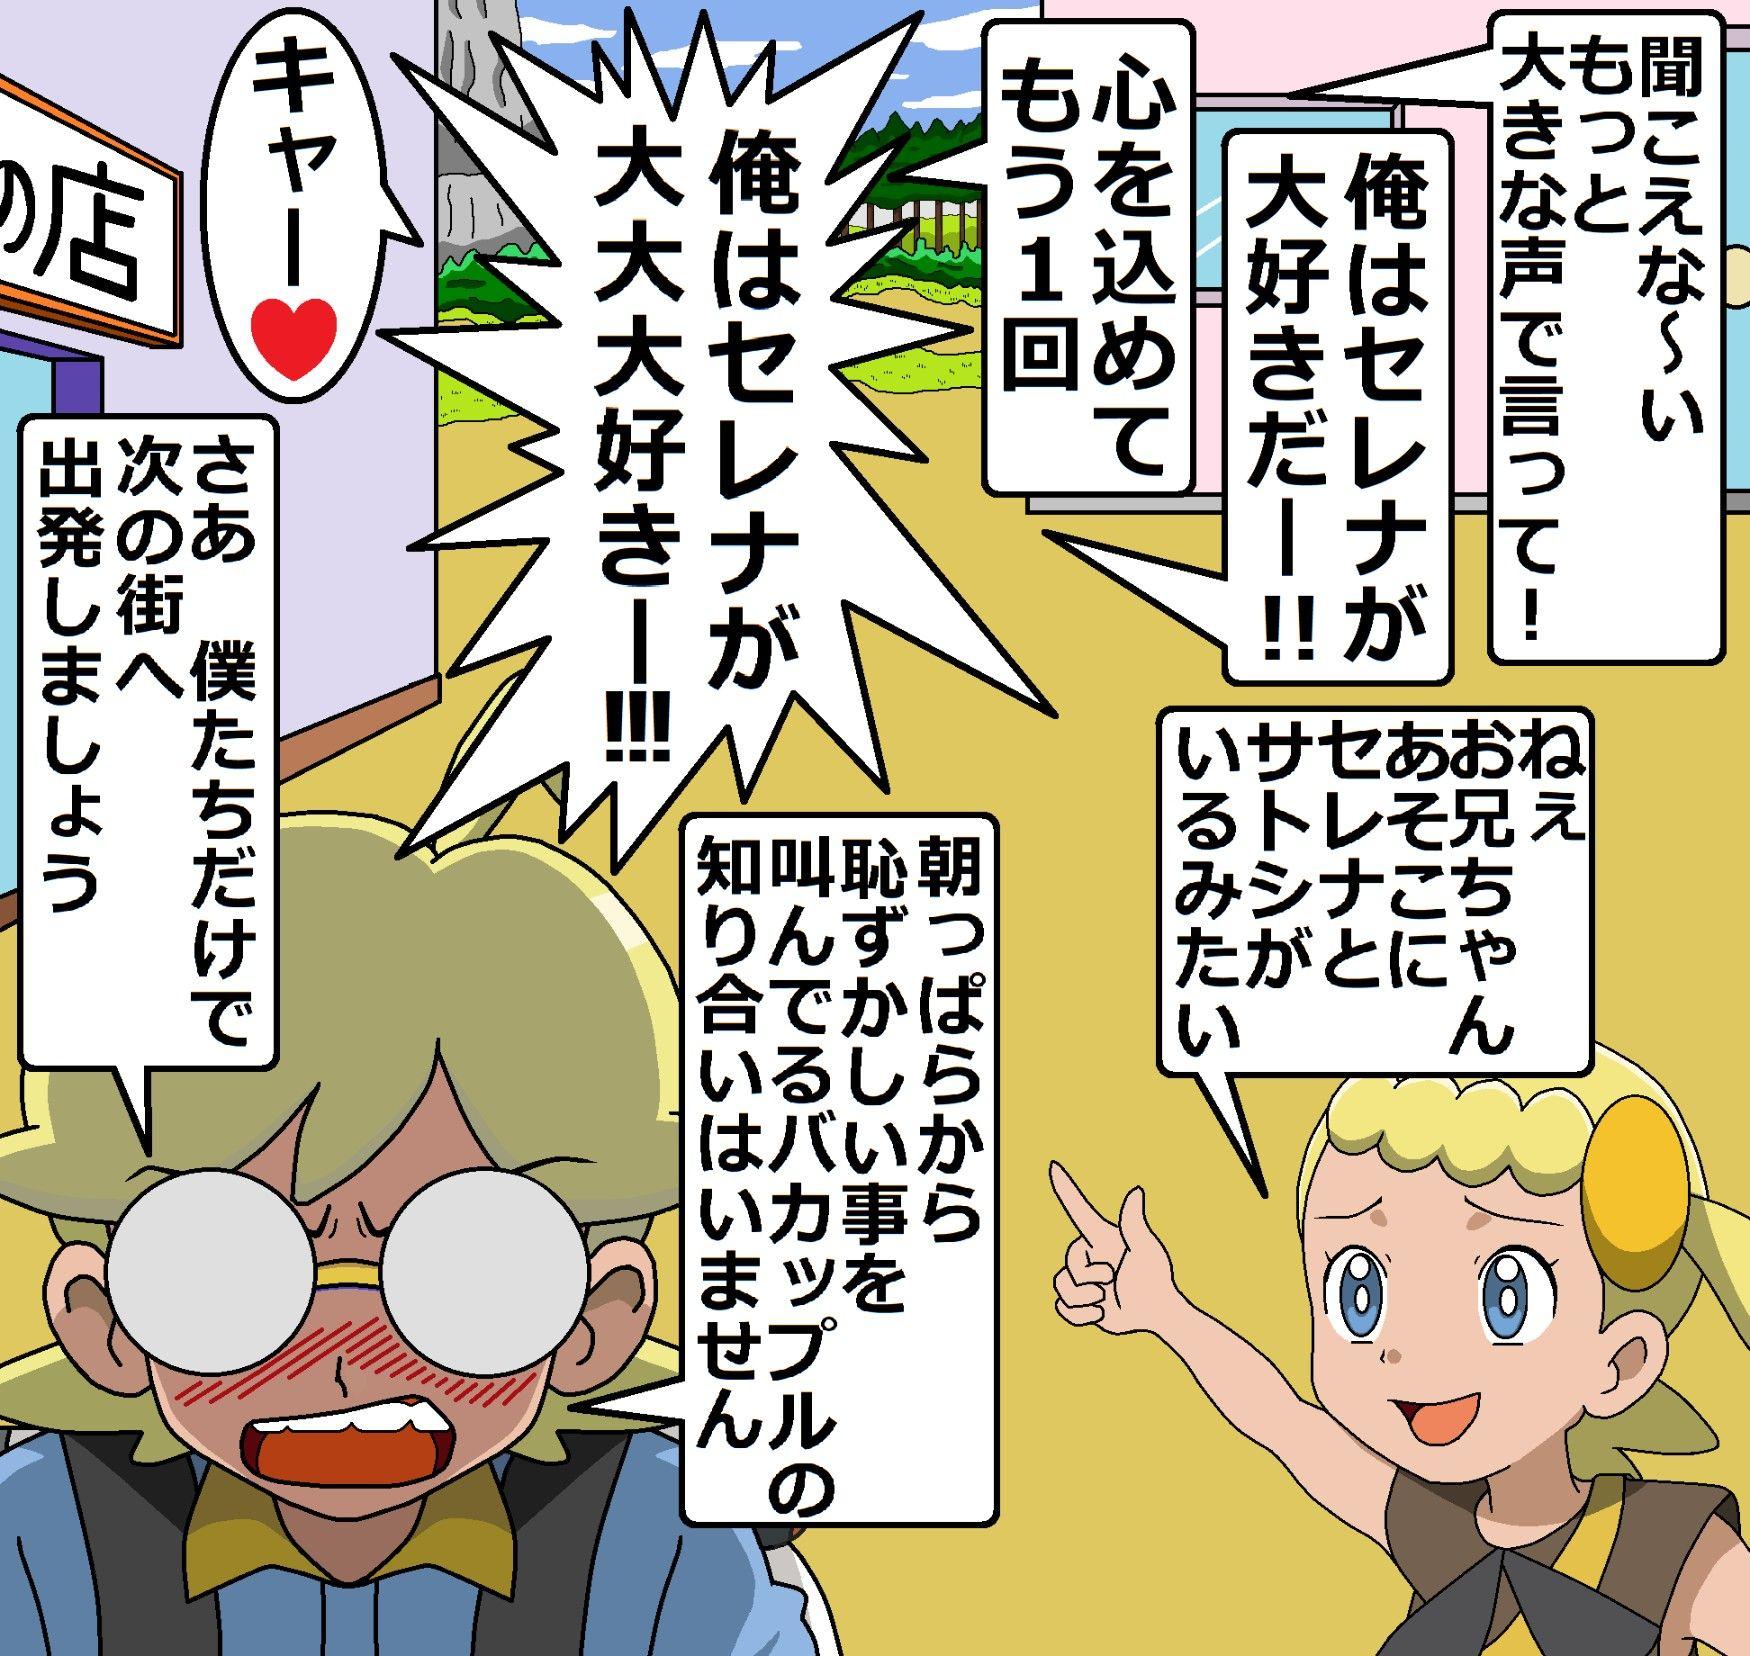 エロ アニメ ポケモン